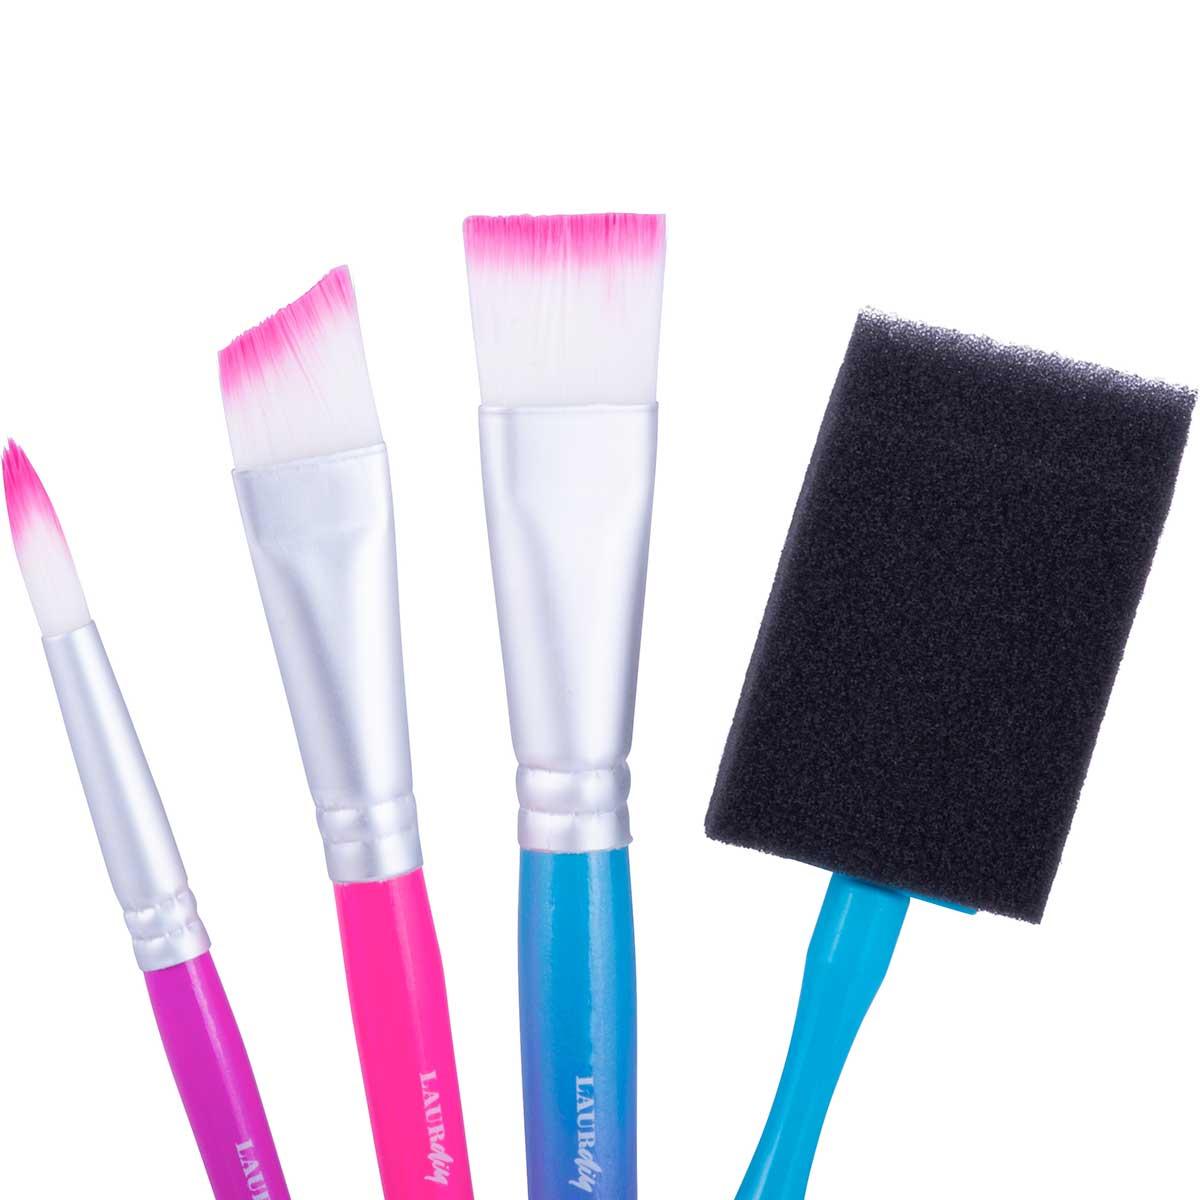 LaurDIY ® Brush Set - Large, 4 pc.